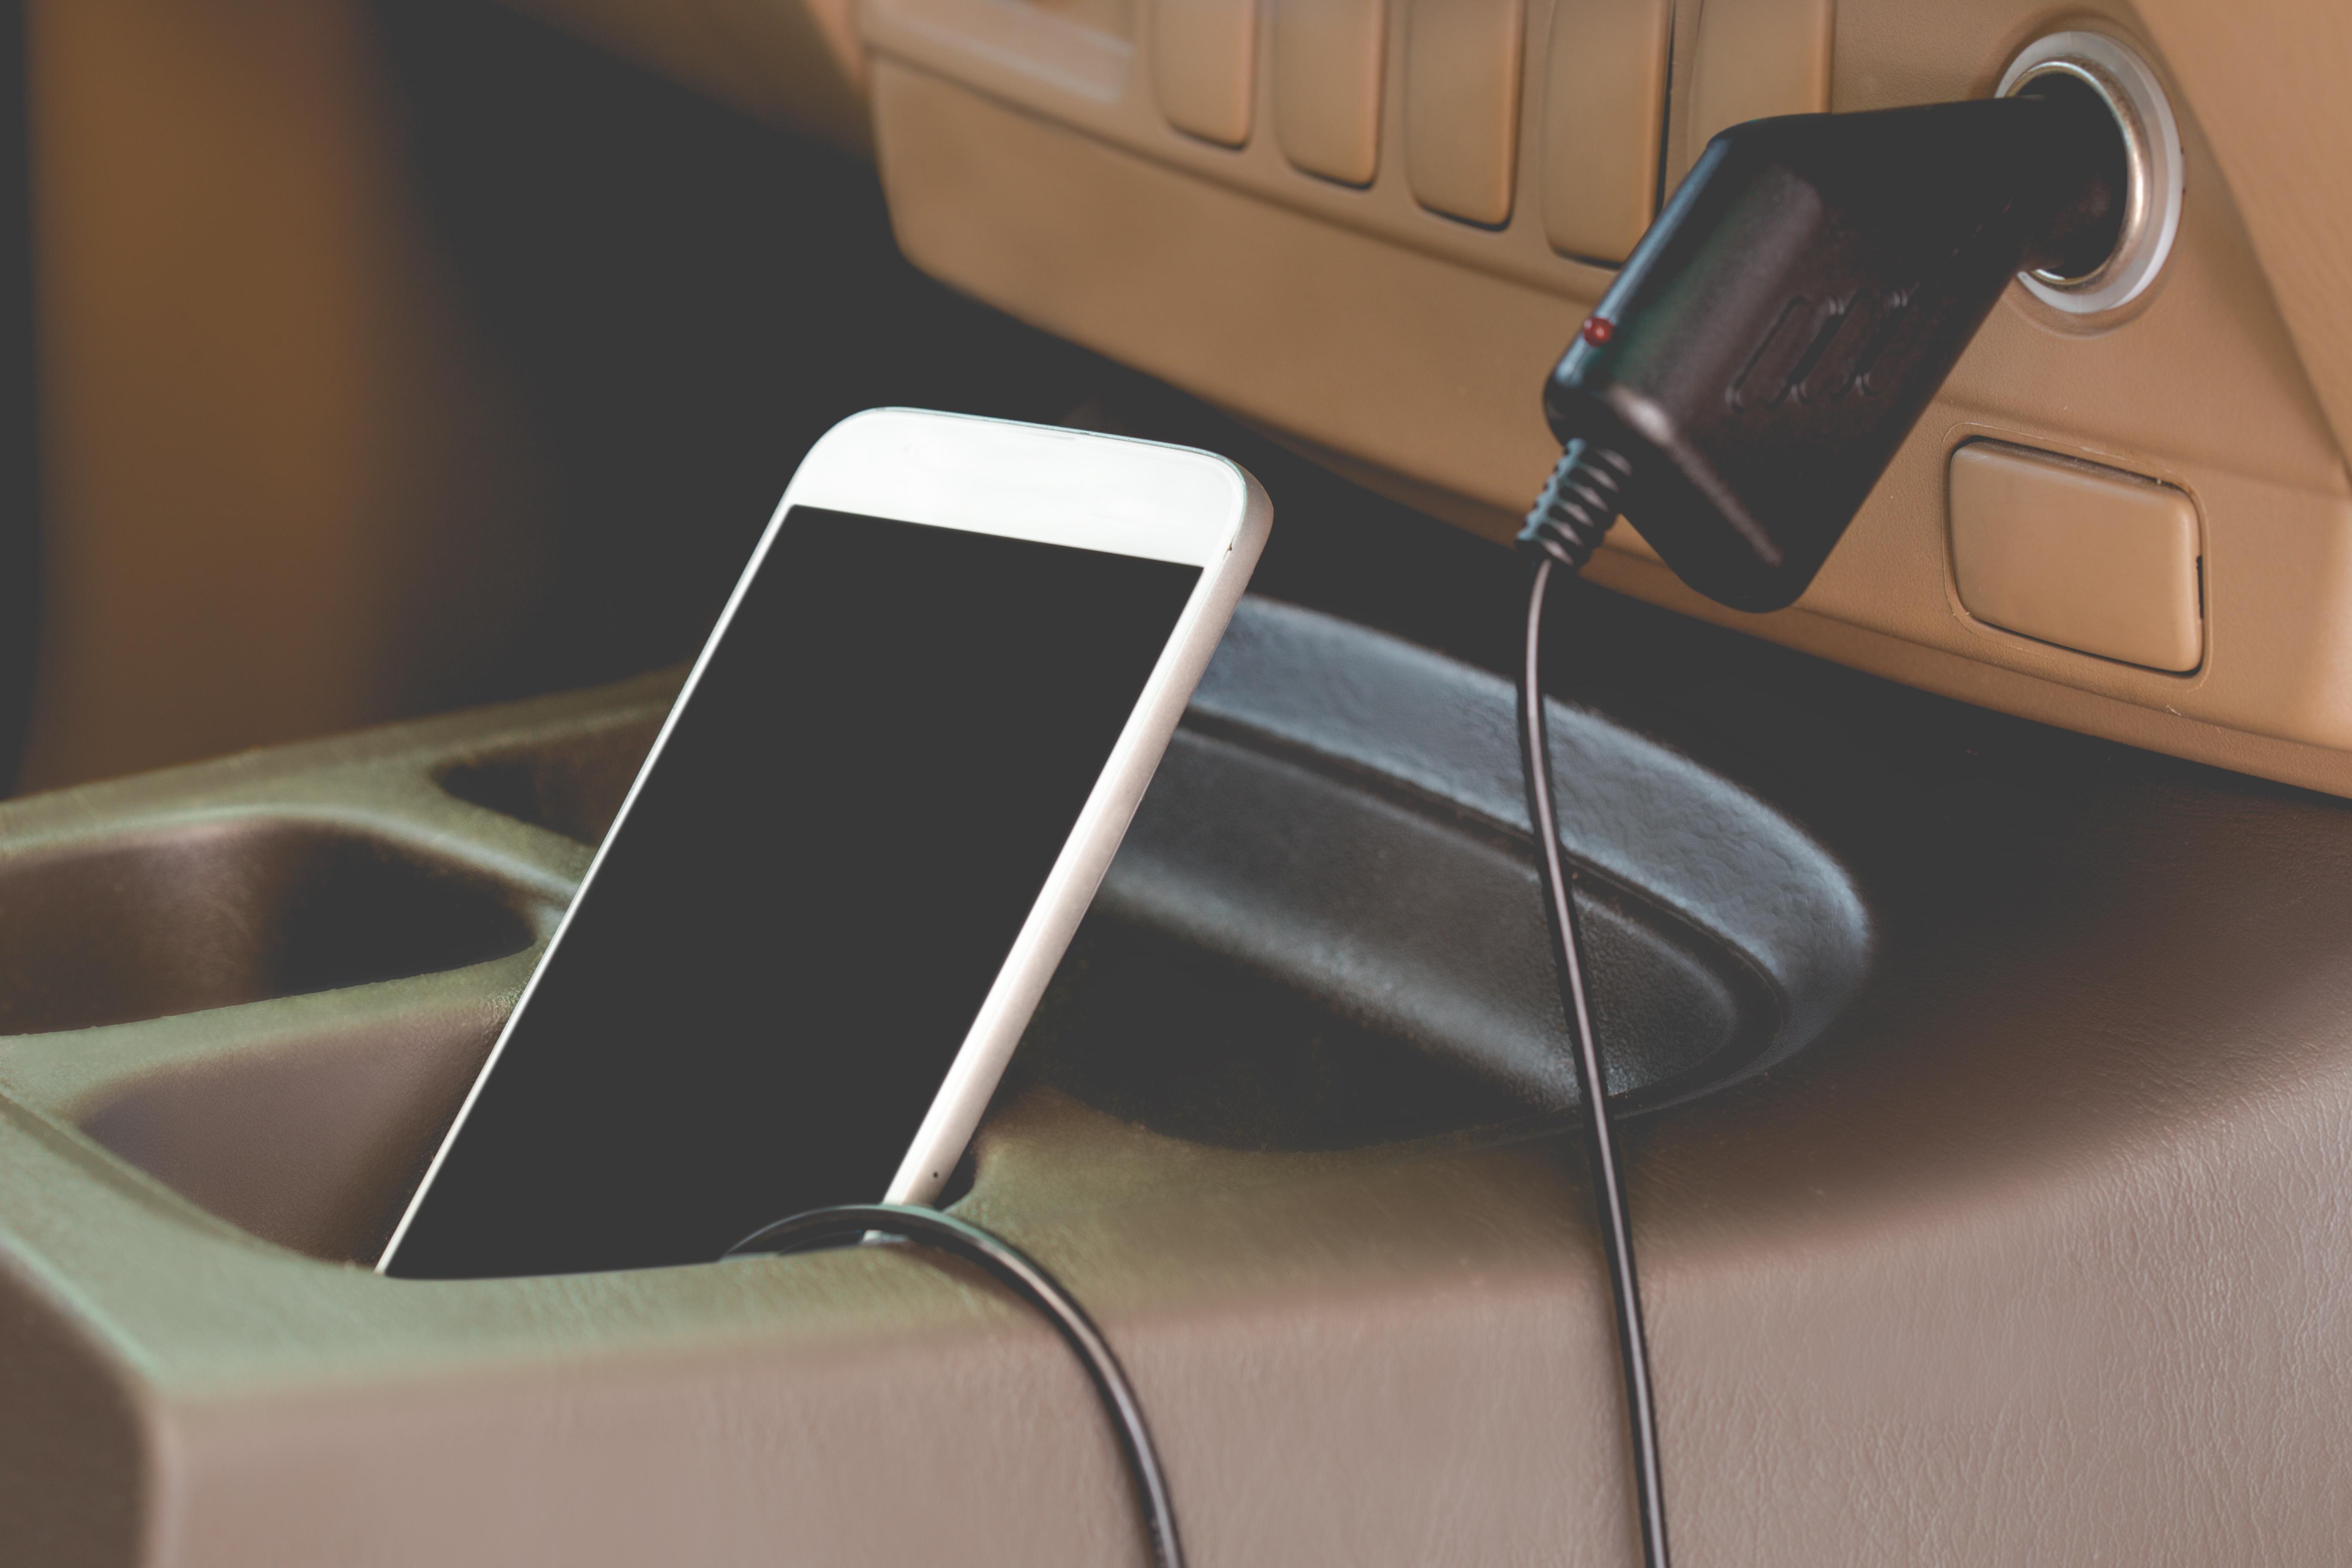 accesorios smartphone cargador coche